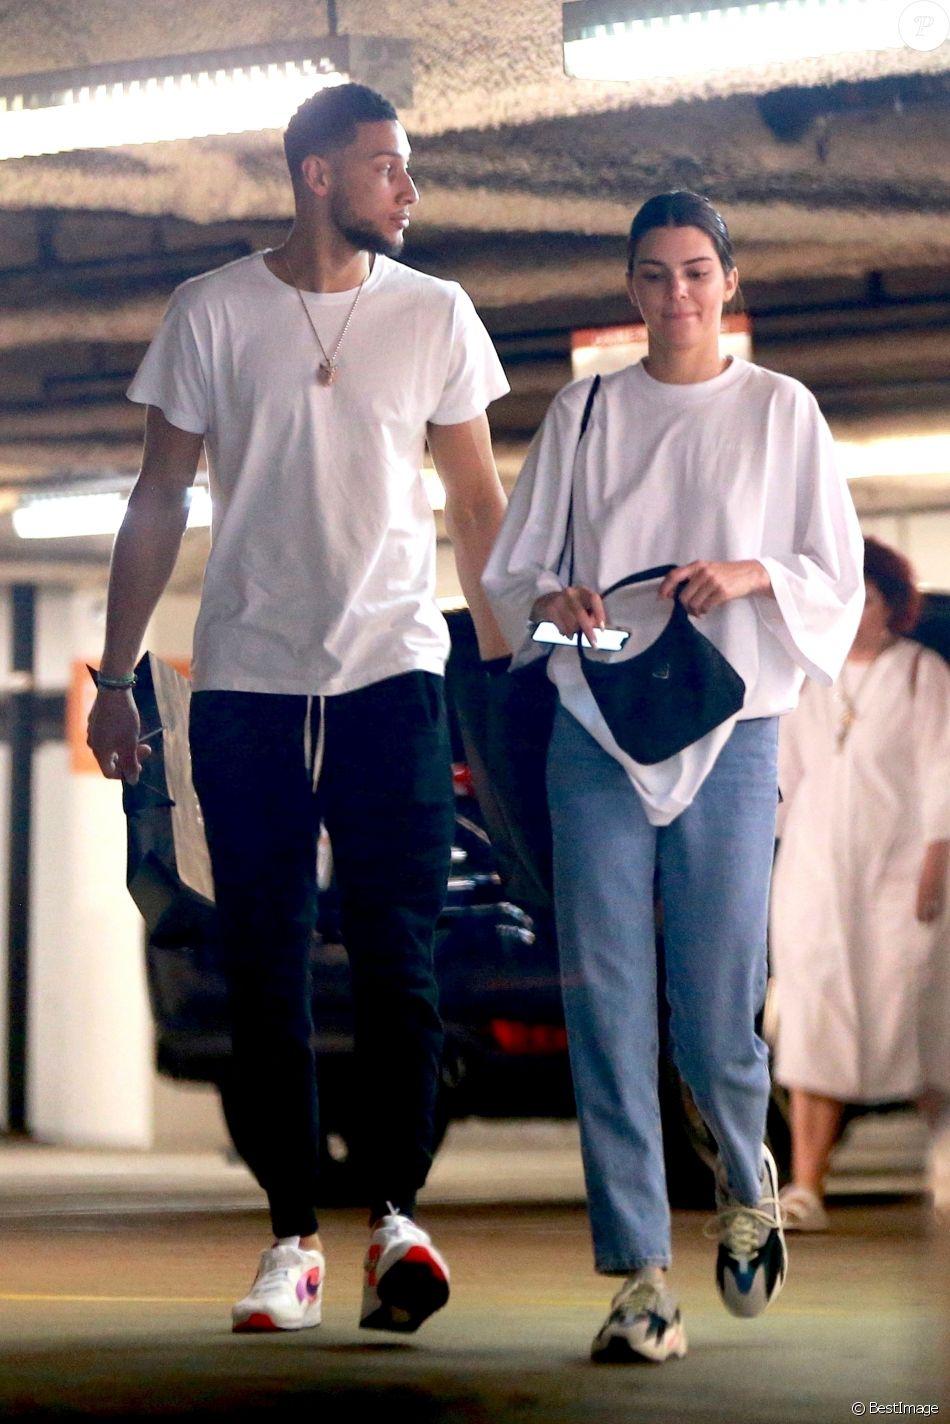 Exclusif - Kendall Jenner et son nouveau compagnon Ben Simmon vont faire du shopping à Beverly Hills. Los Angeles, le 9 juin 2018.